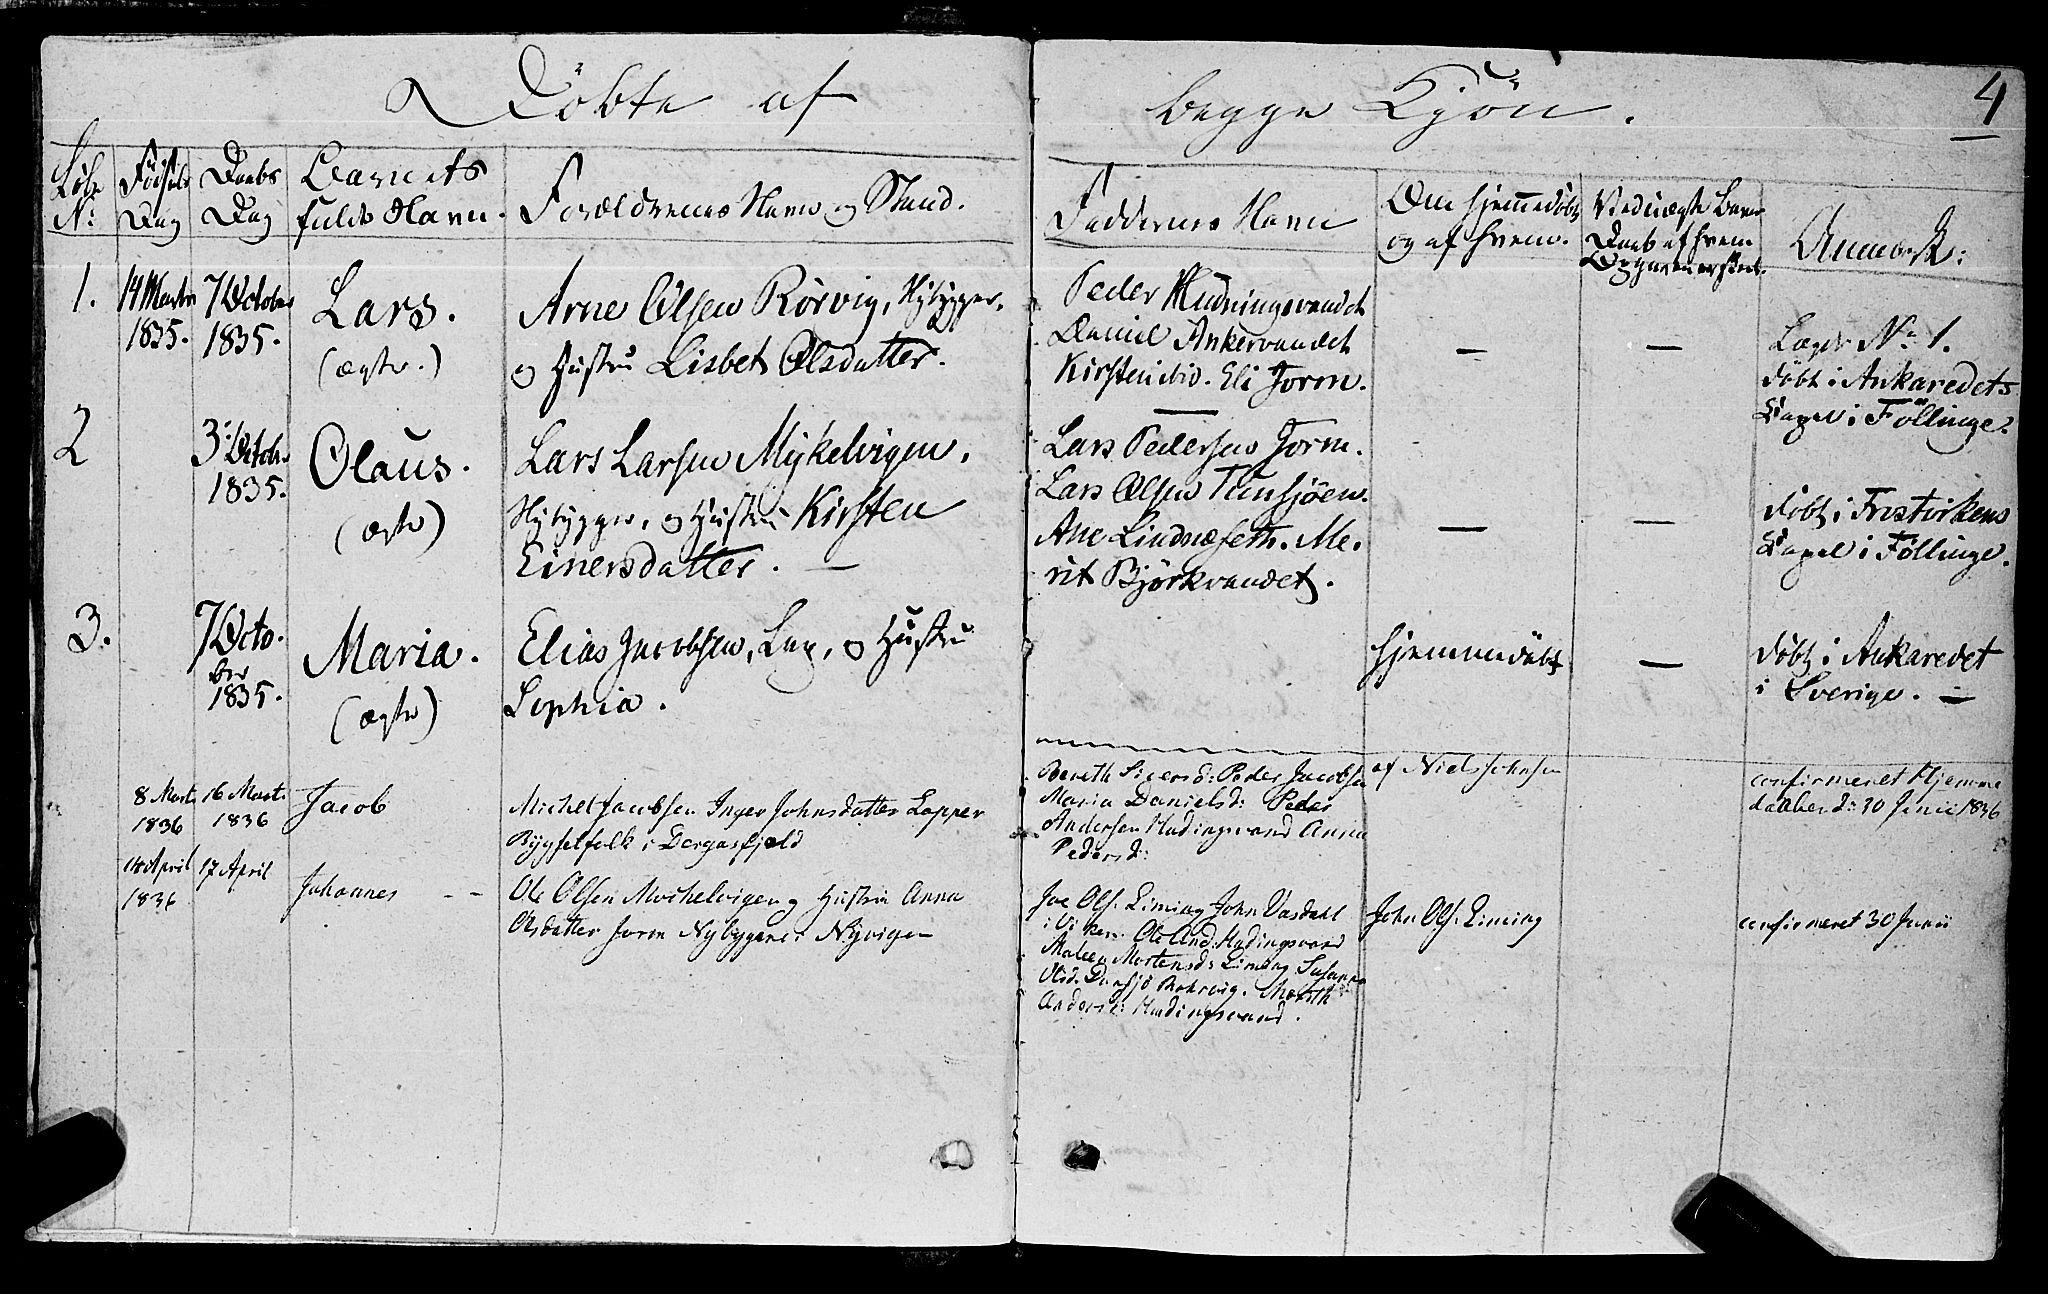 SAT, Ministerialprotokoller, klokkerbøker og fødselsregistre - Nord-Trøndelag, 762/L0538: Ministerialbok nr. 762A02 /1, 1833-1879, s. 4